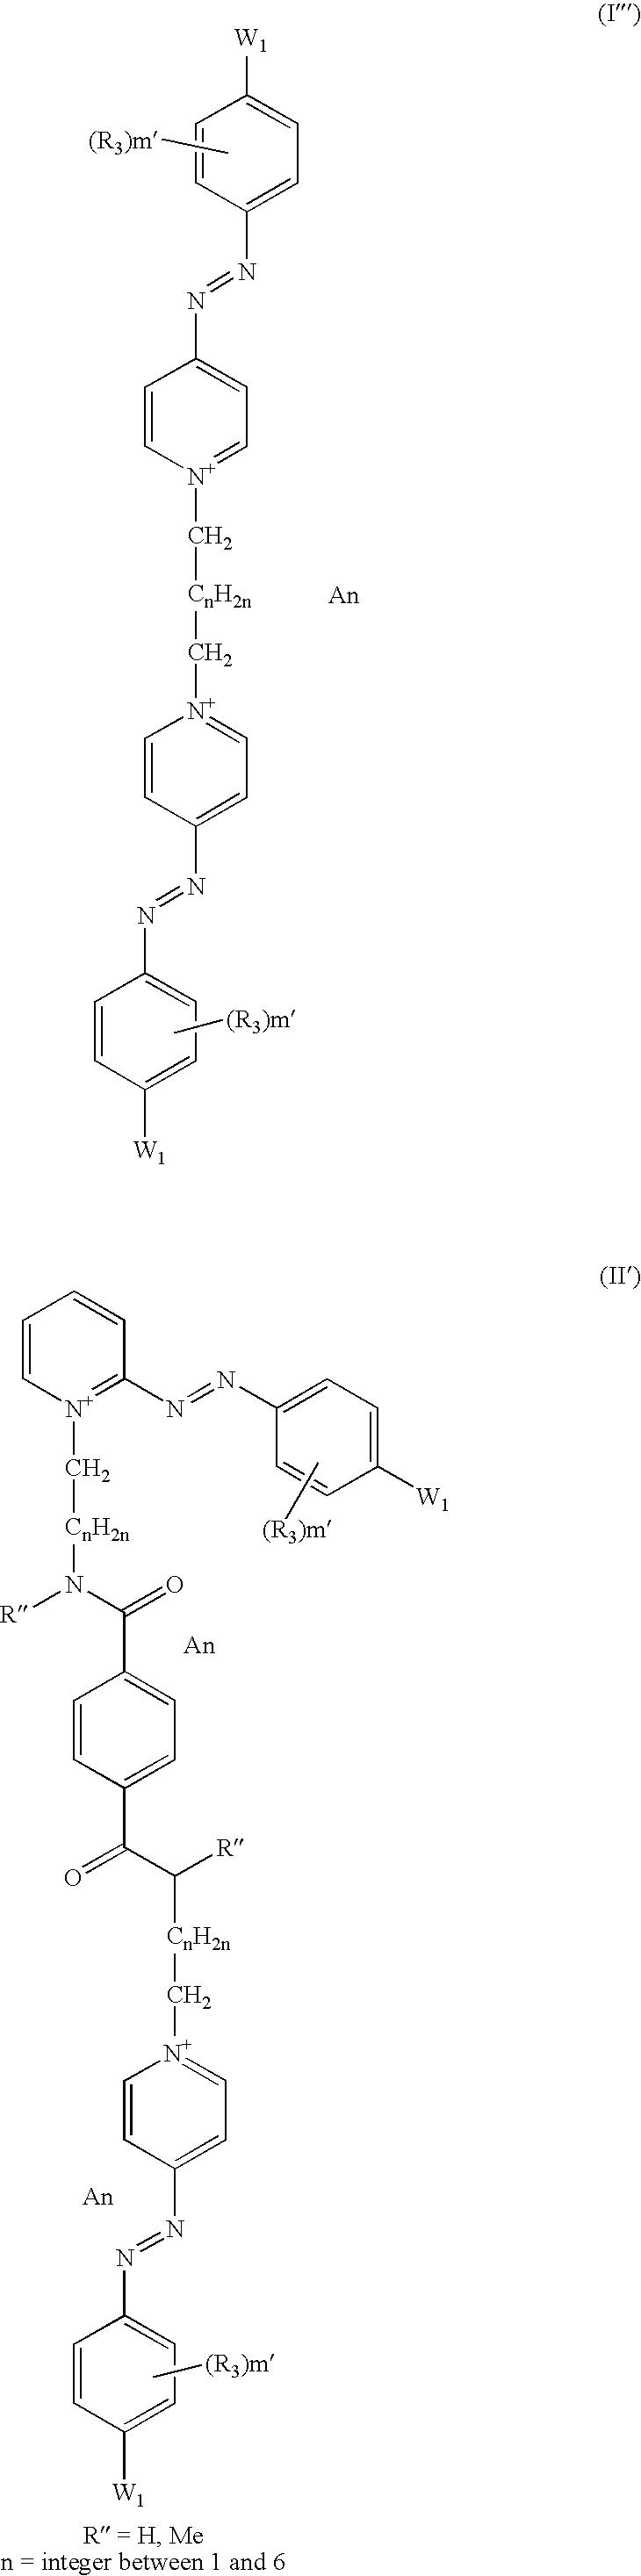 Figure US07288639-20071030-C00029